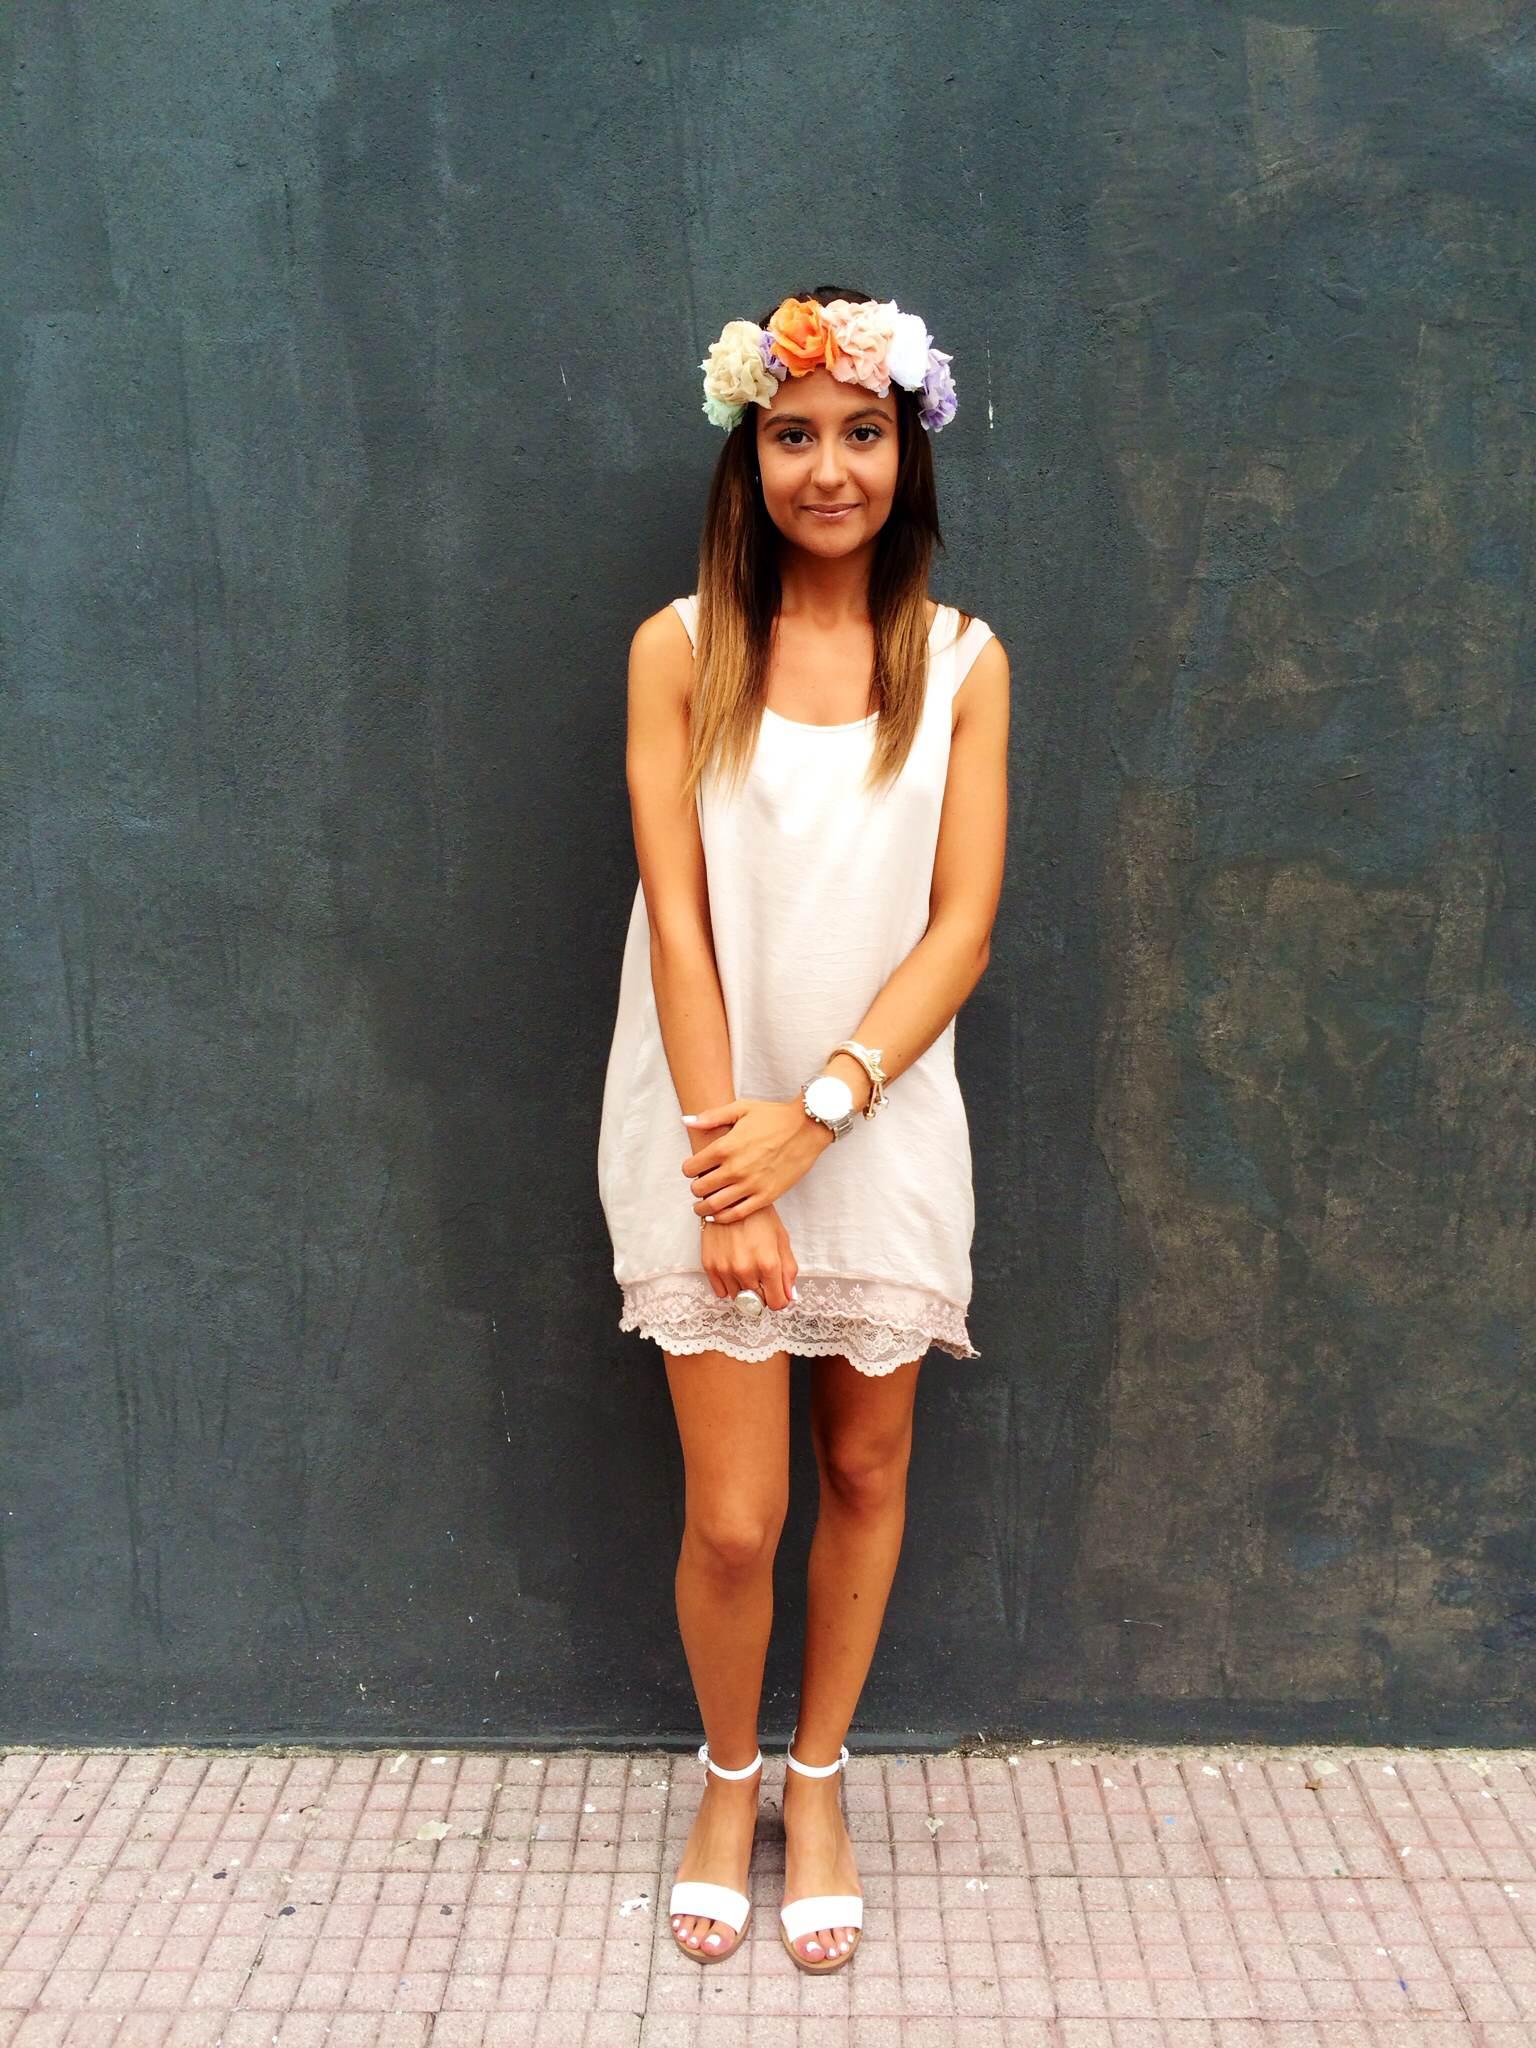 Vestido (El Indio), Diadema floral y sandalias (Zara)